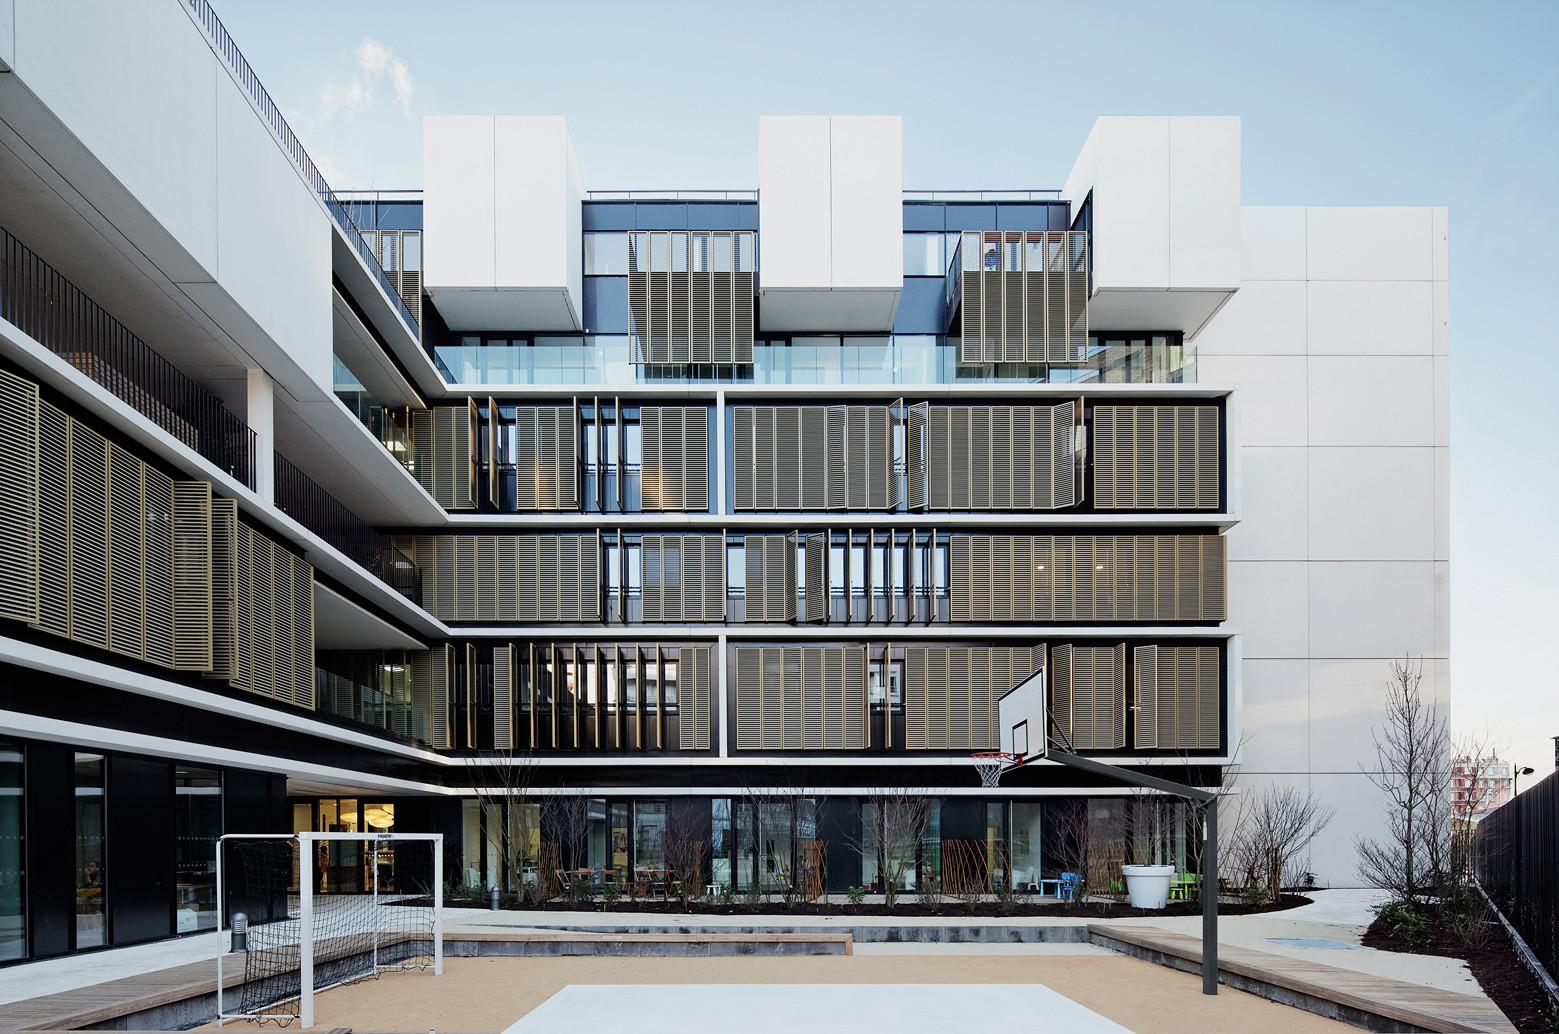 Centro de Bem-estar para crianças e adolescentes em Paris / Marjan Hessamfar & Joe Verons architectes associes, © Vincent Fillon